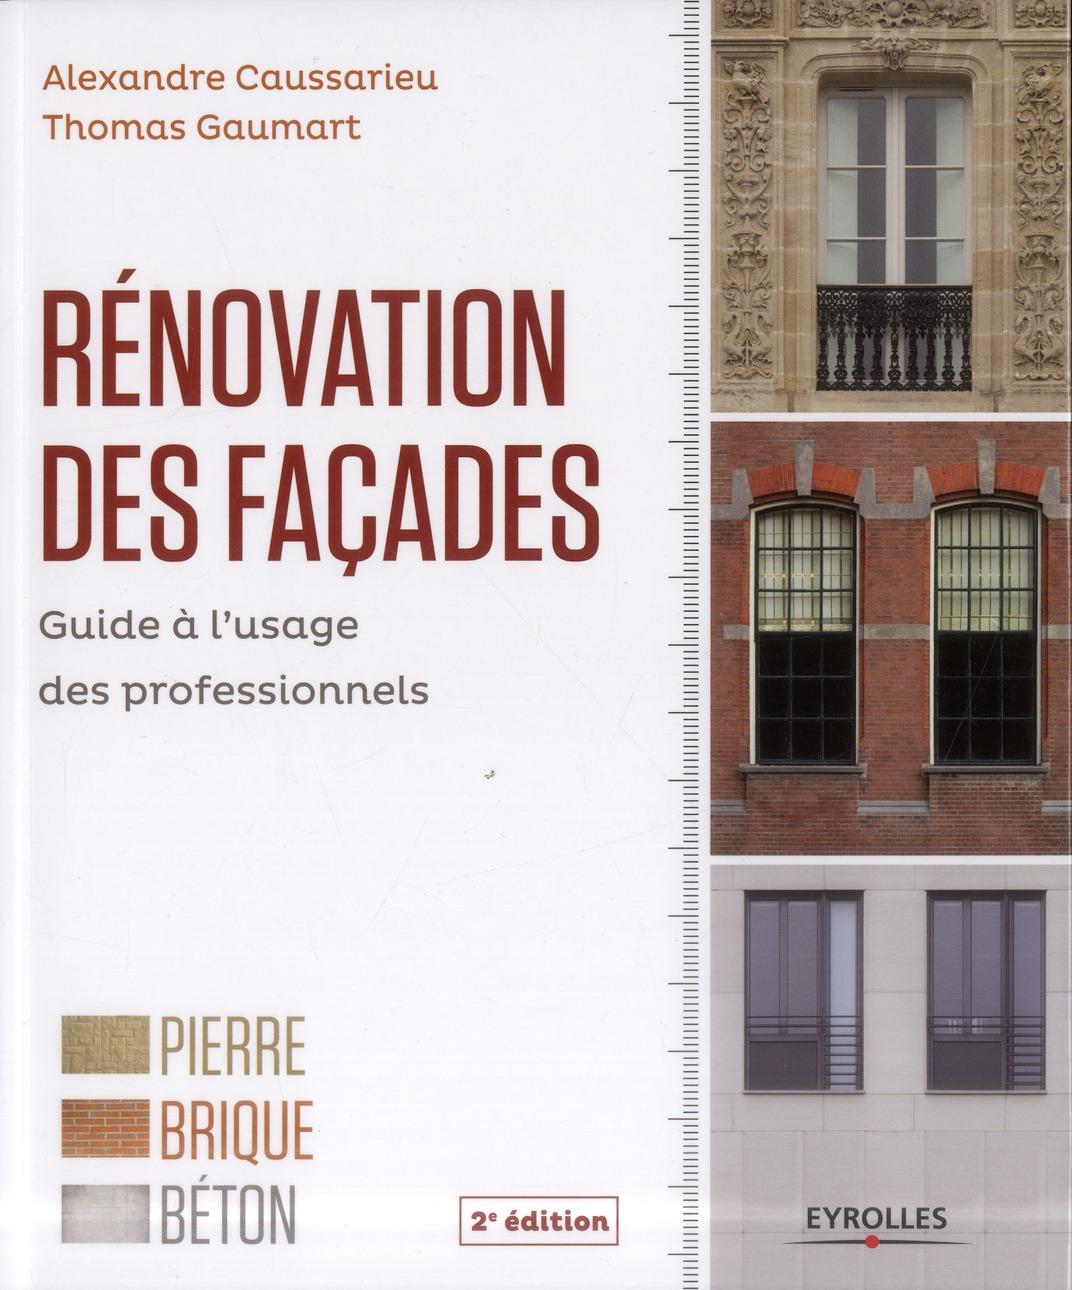 Renovation Des Facades Guide A L'usage Des Professionnels - Pierre, Brique, Beton